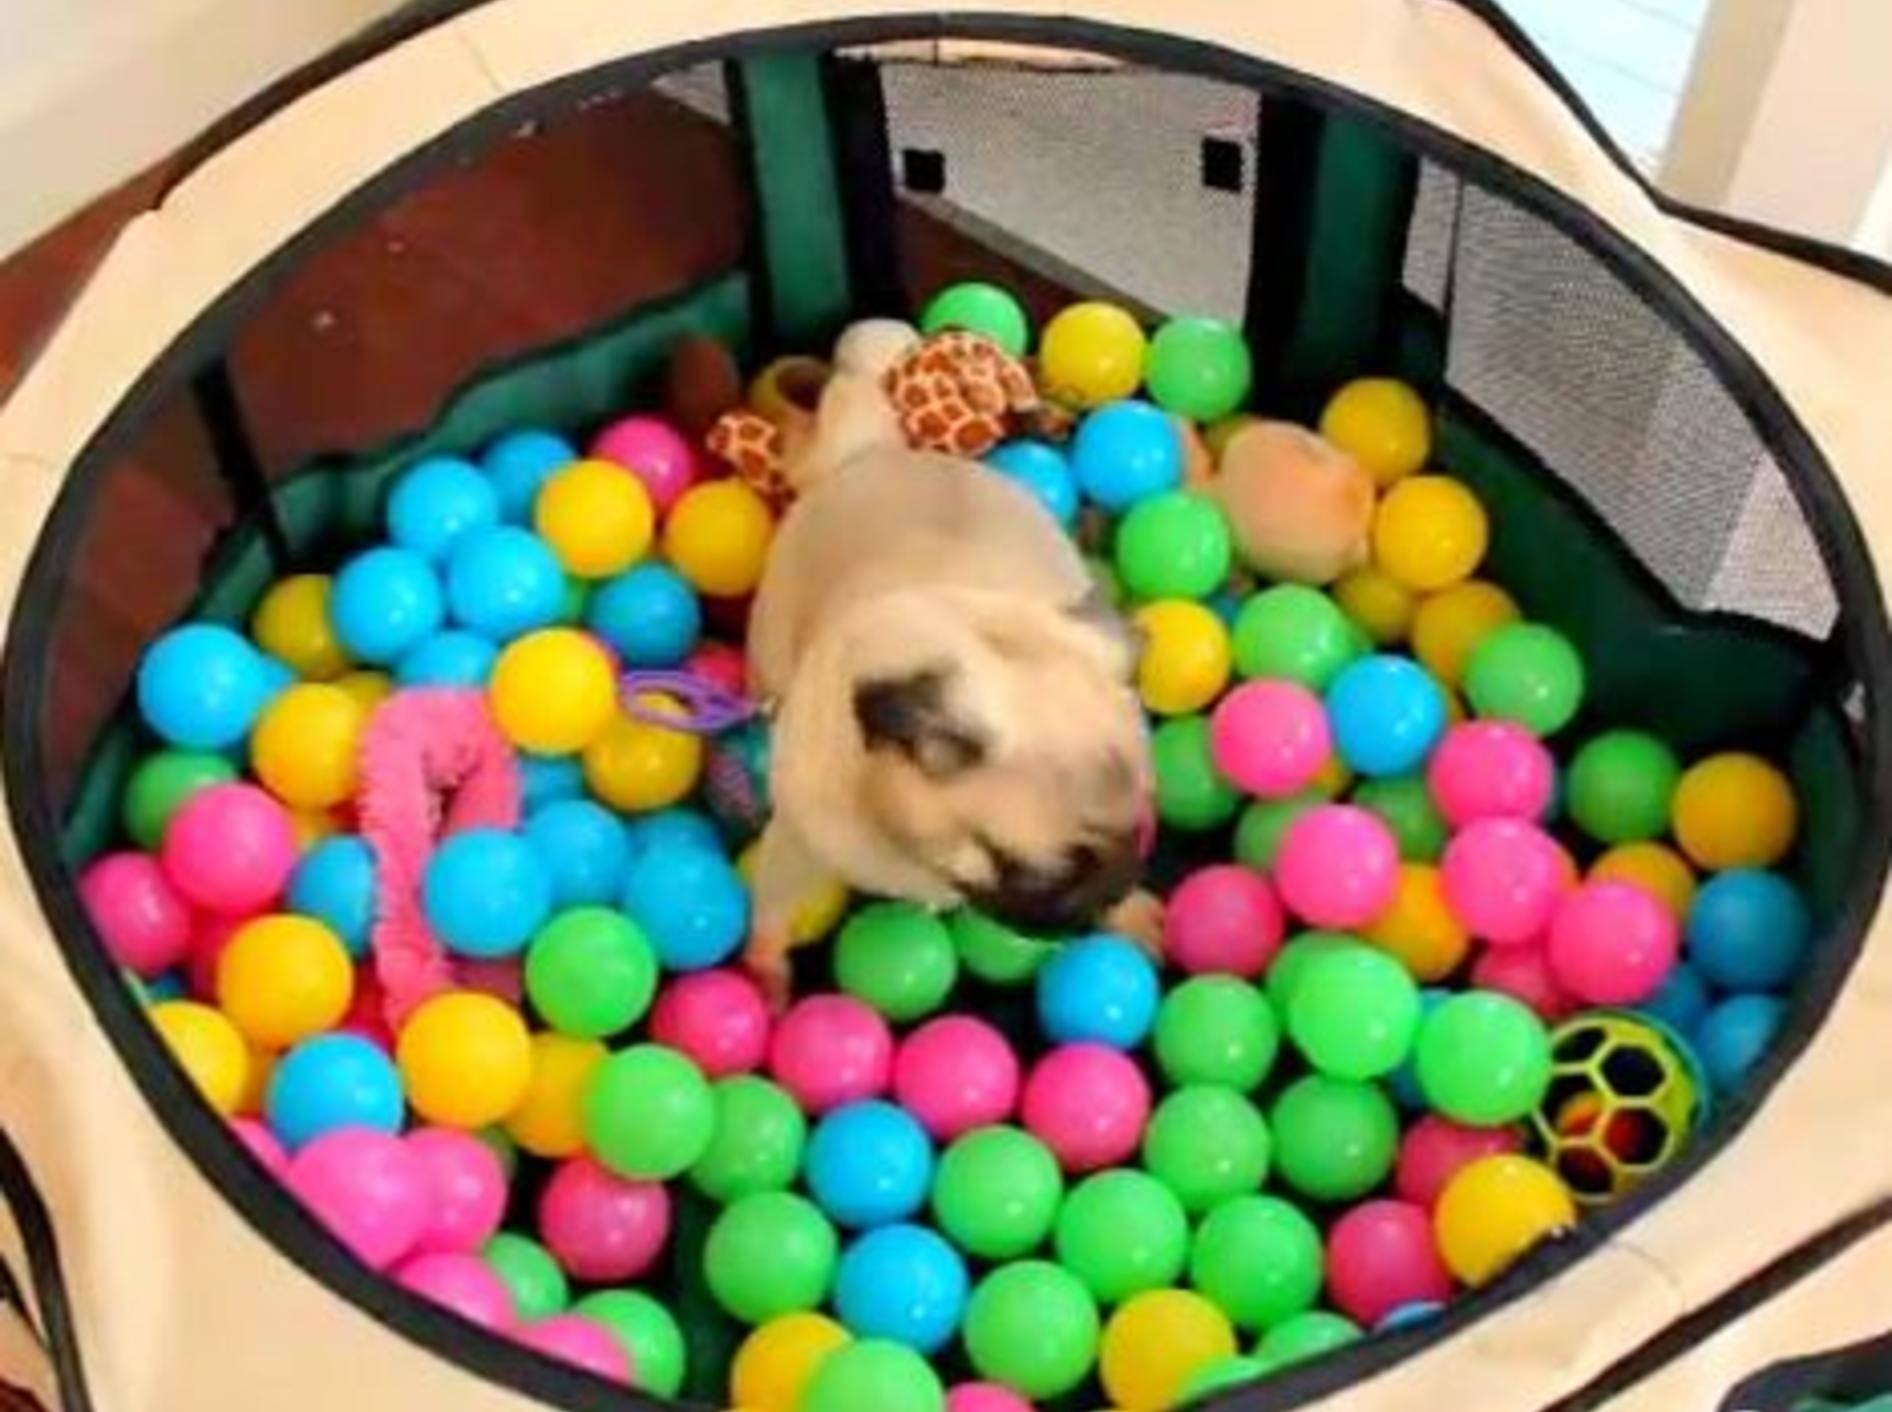 Mops spielt zum ersten Mal im Ballbecken – Bild: Youtube / xoxo